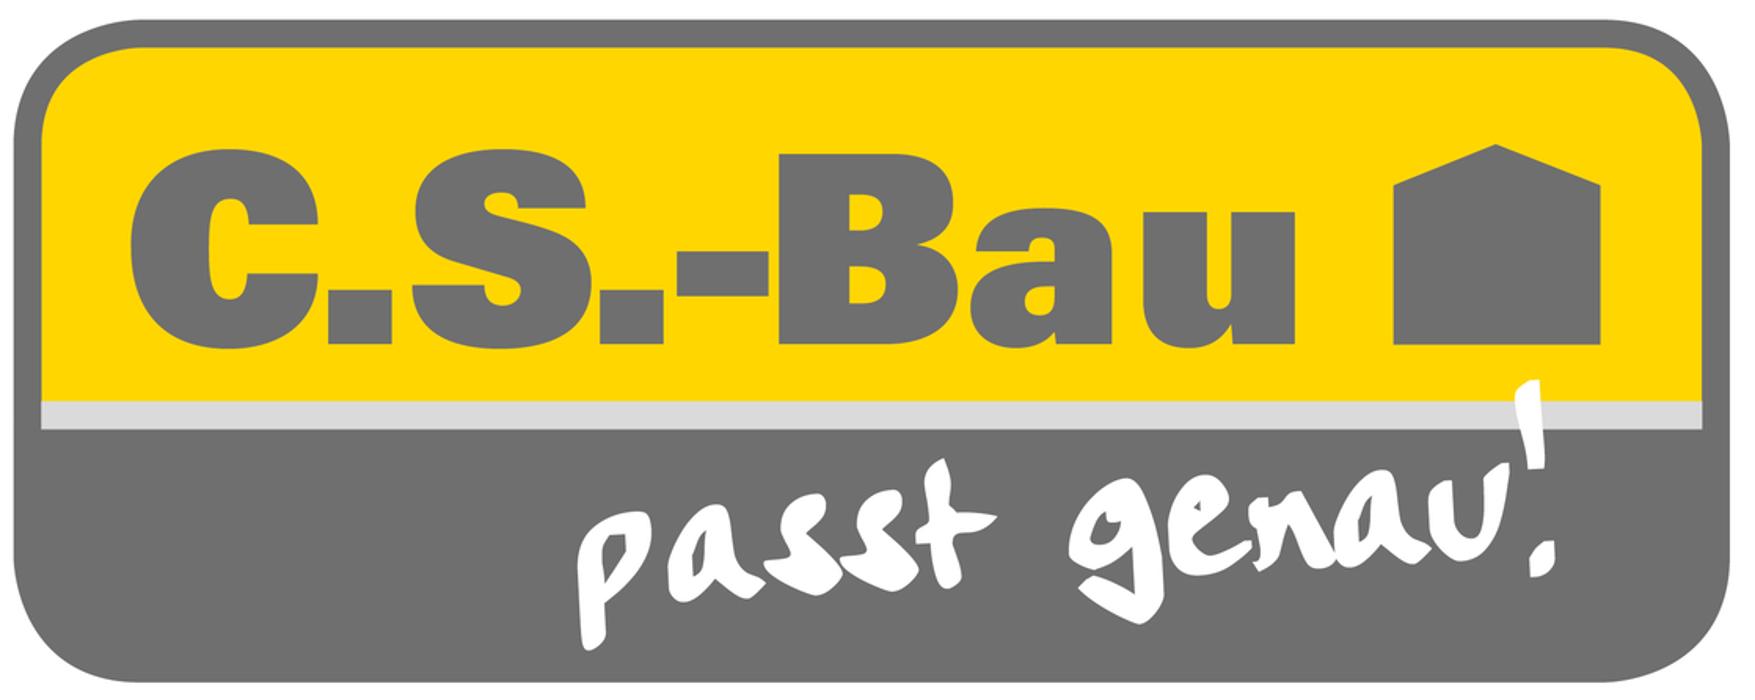 Bild zu C.S. - Bau GmbH in Windberg